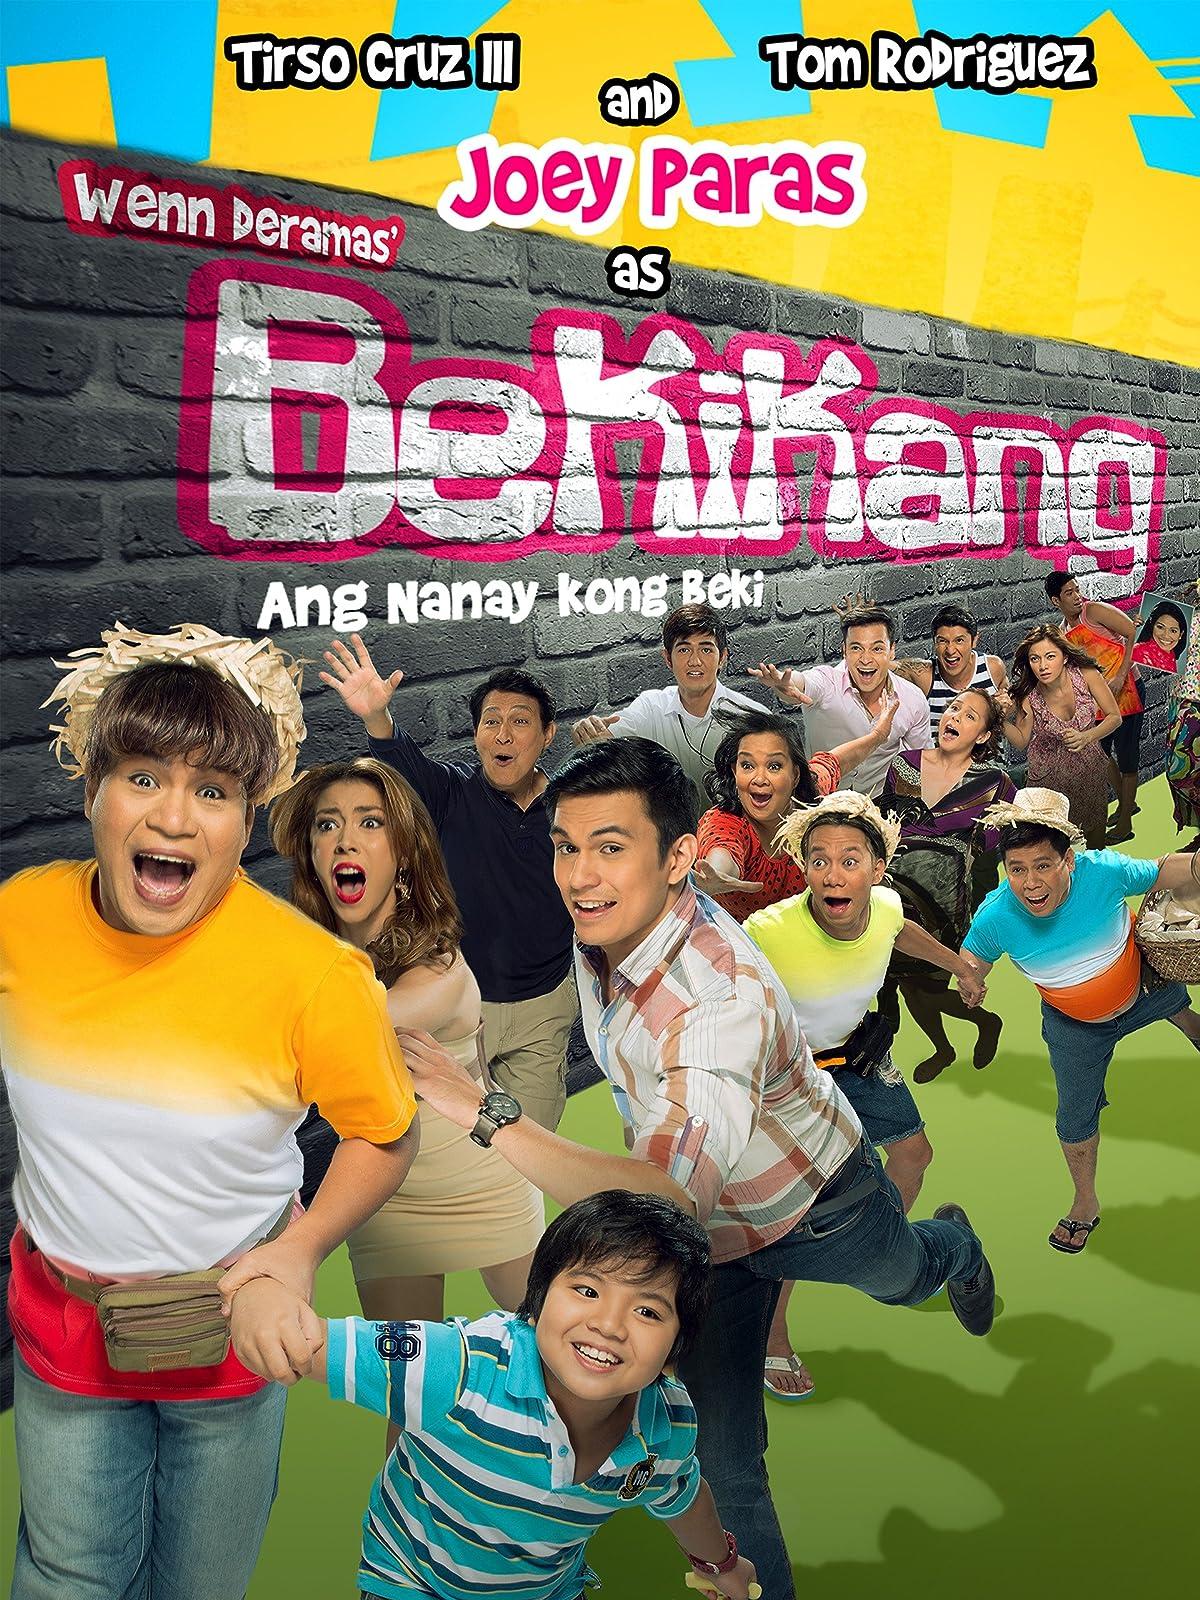 Watch Apat Dapat Dapat Apat Tagalog Audio Prime Video